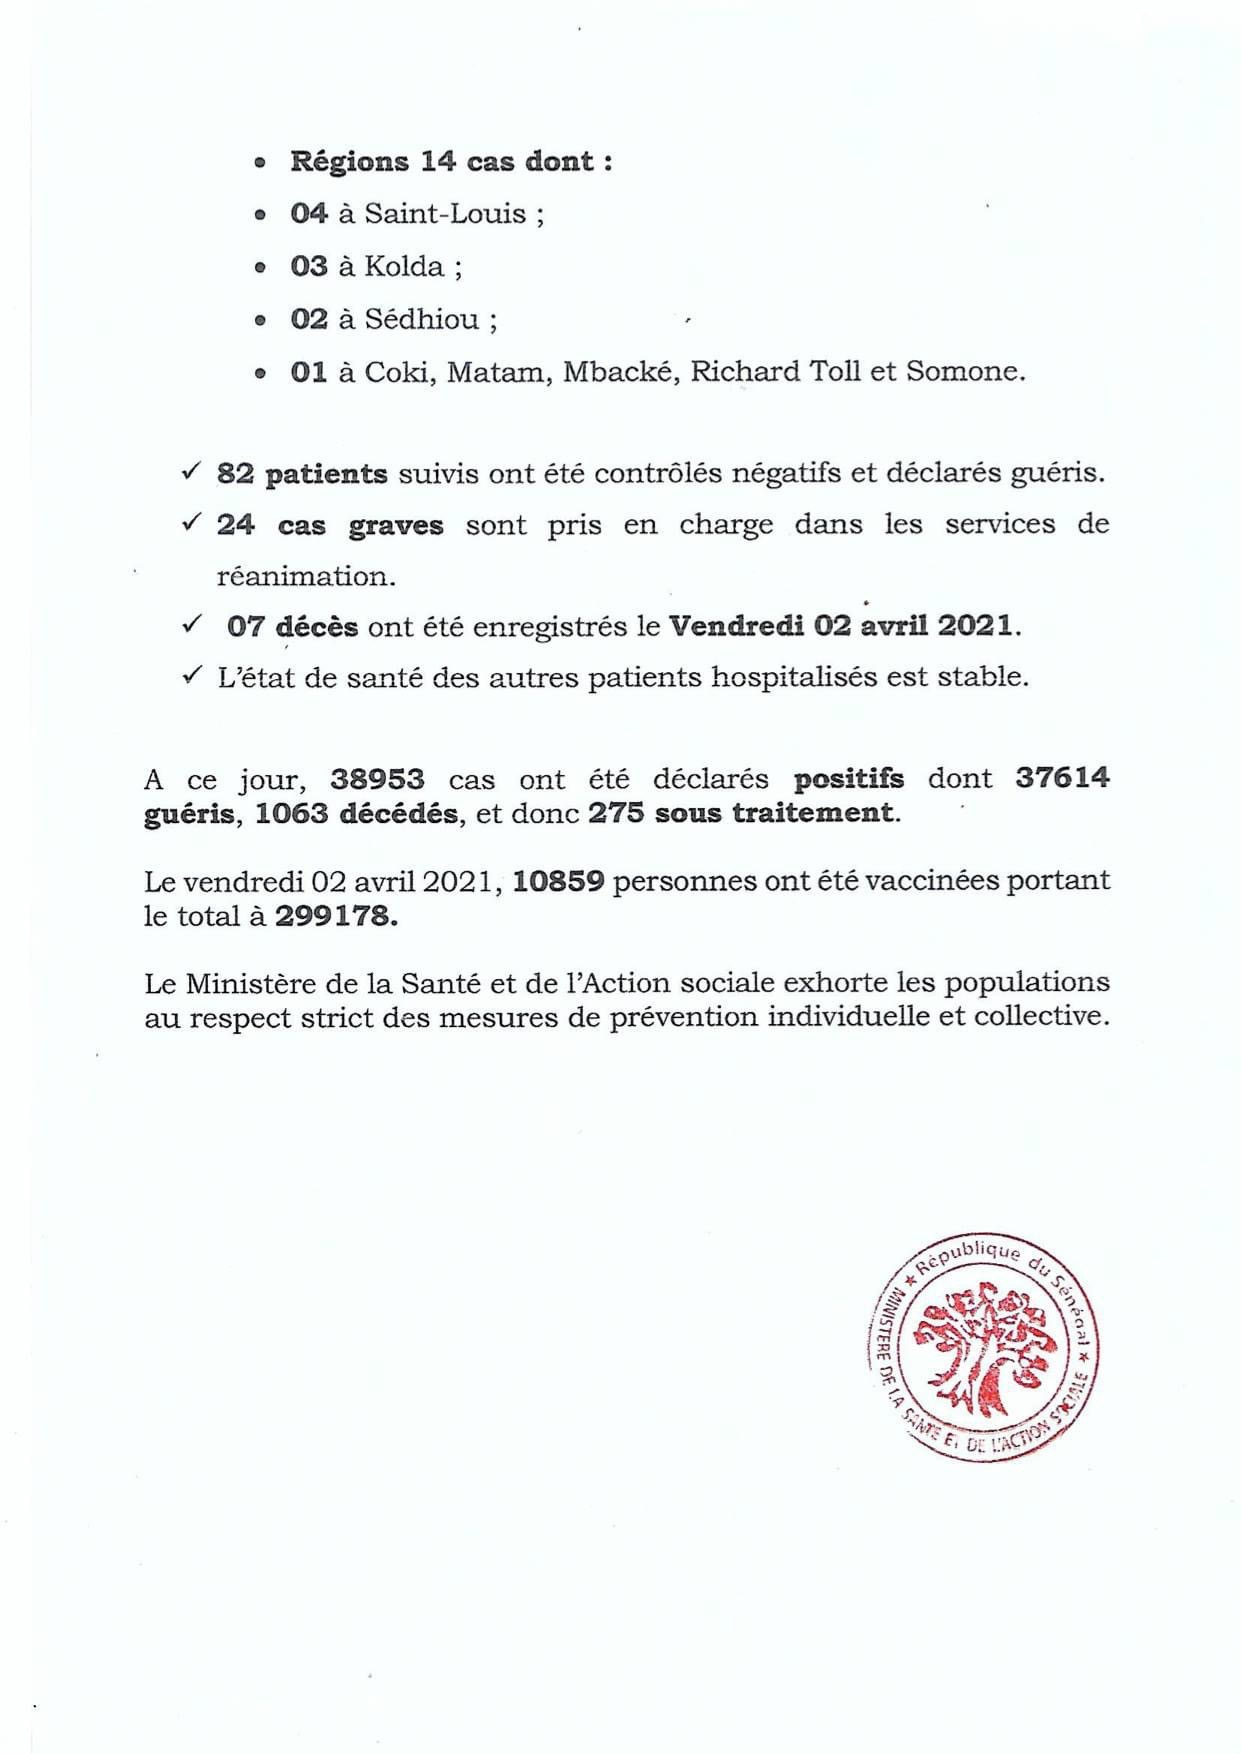 SÉNÉGAL : 64 nouveaux cas testés positifs au coronavirus, 82 nouveaux guéris, 7 nouveaux décès et 24 cas graves en réanimation.